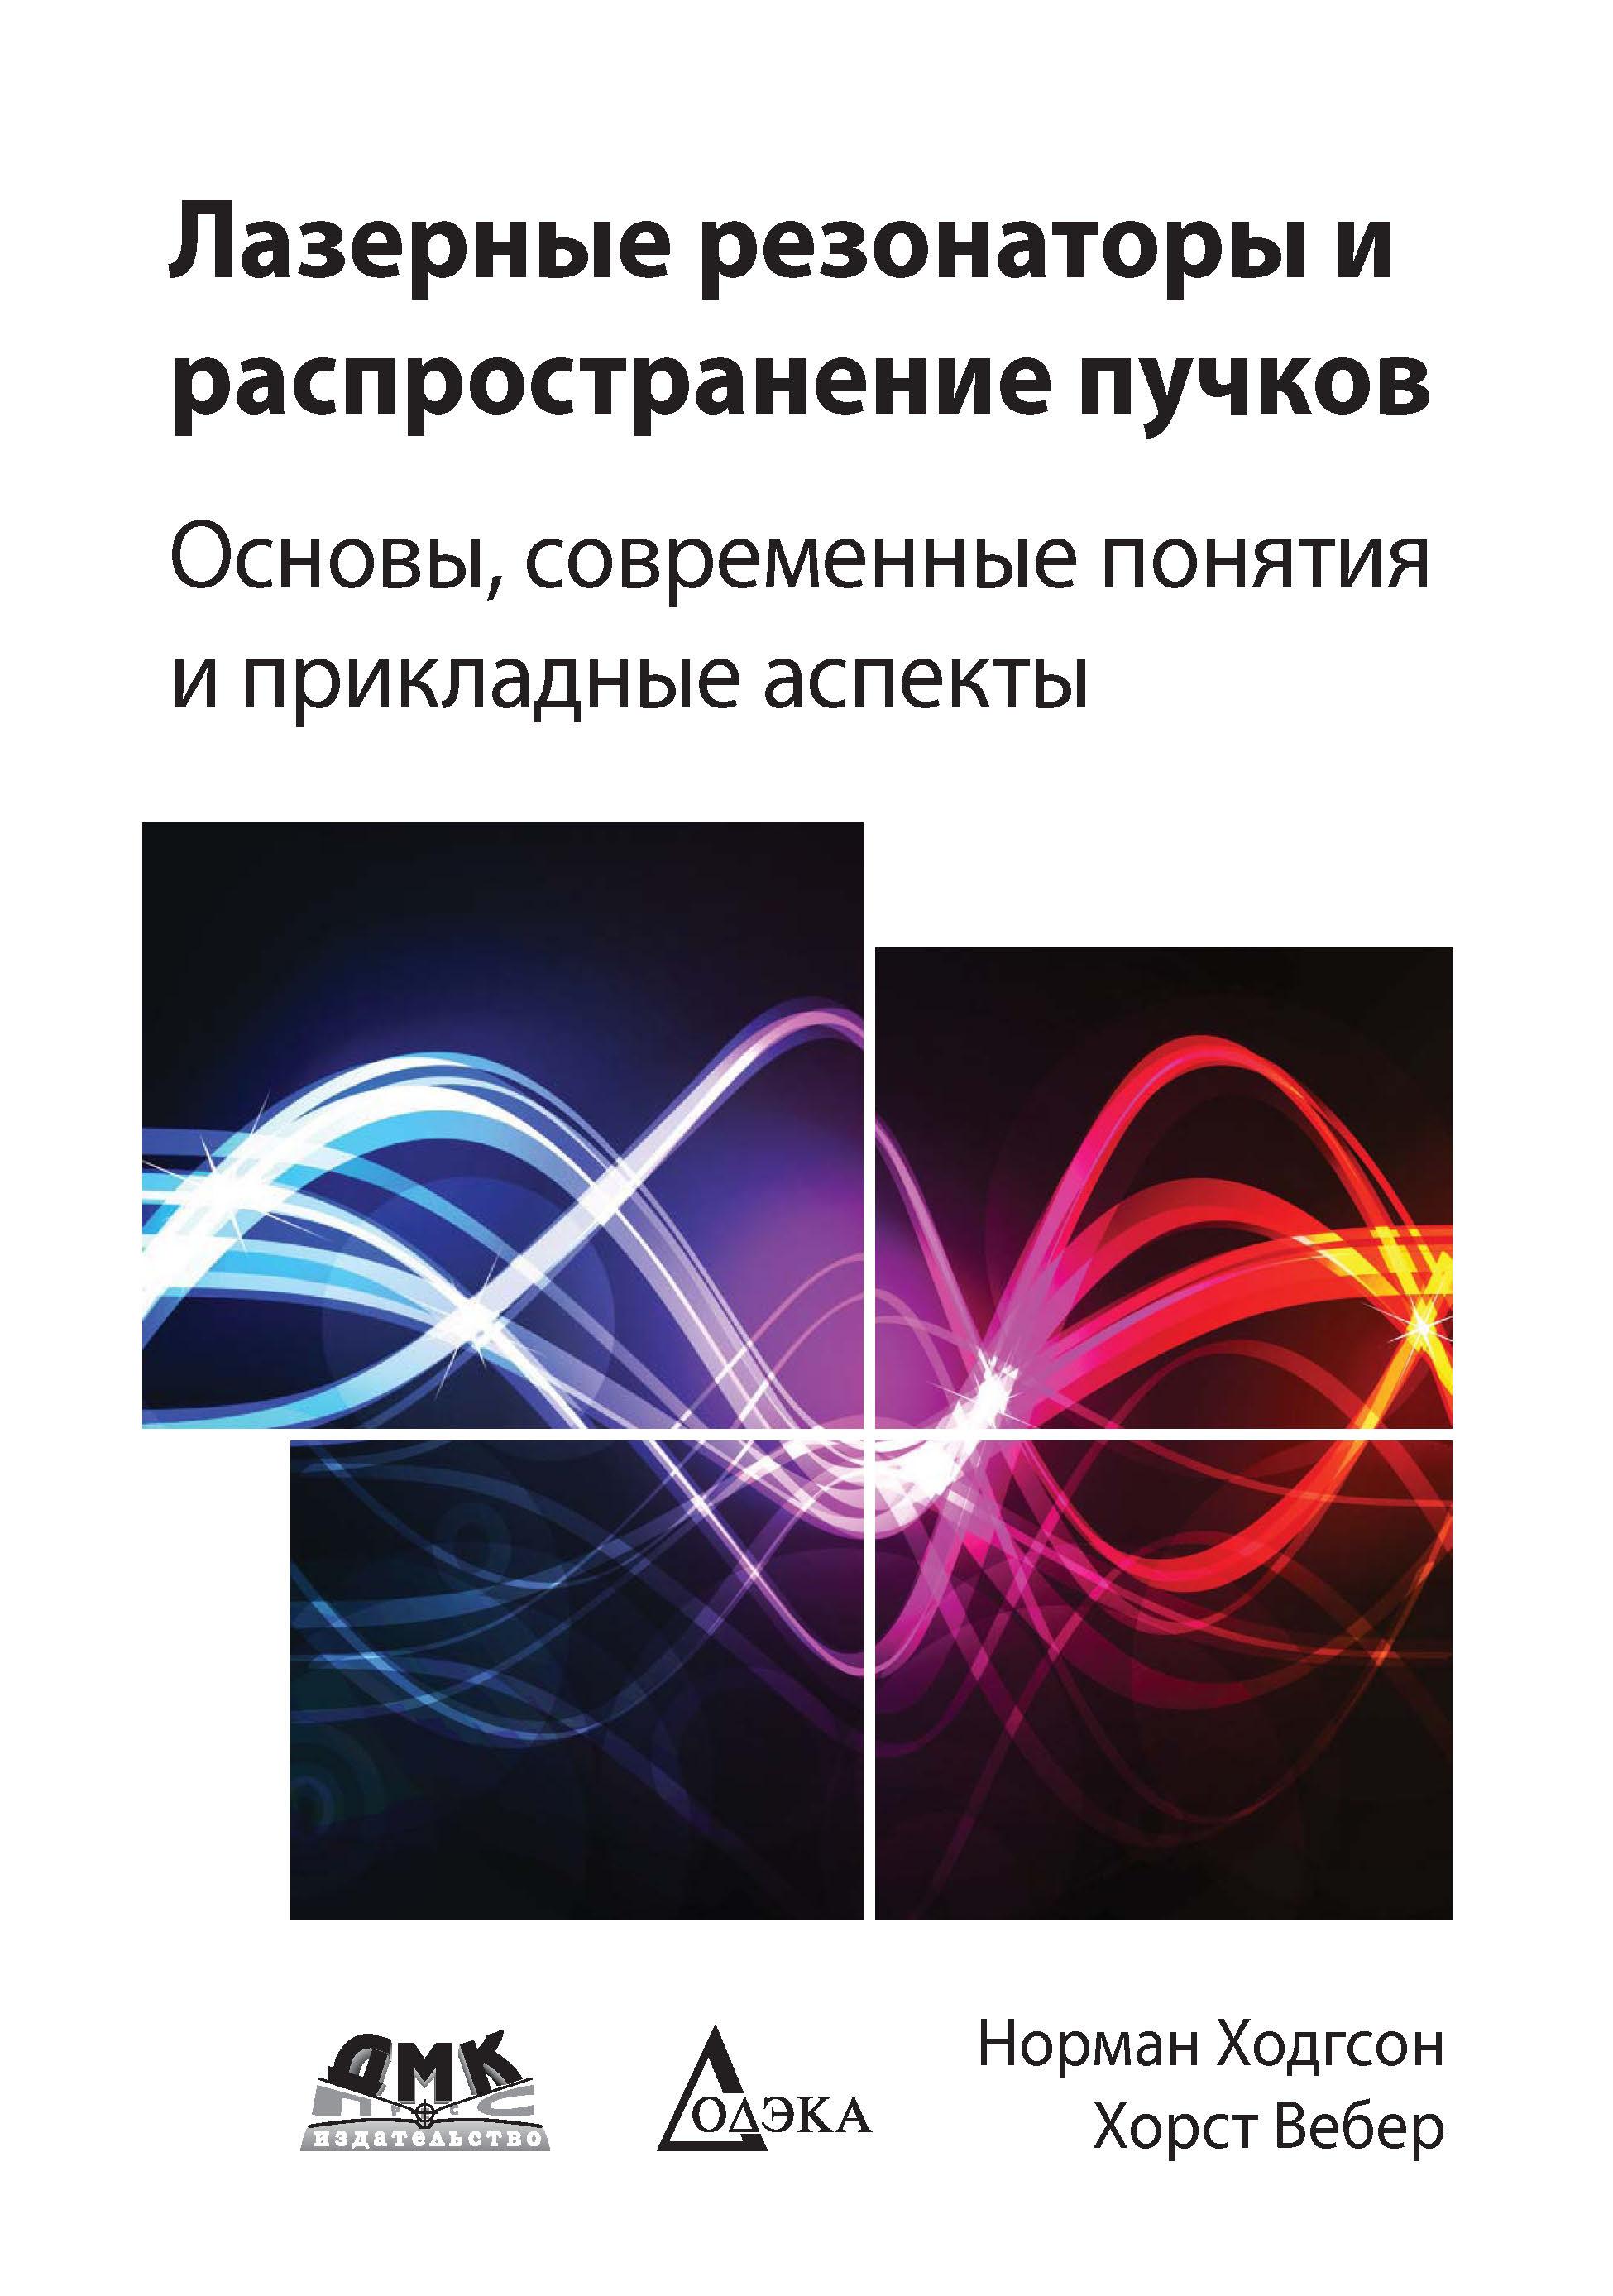 Лазерные резонаторы и распространение пучков. Основы, современные понятия и прикладные аспекты